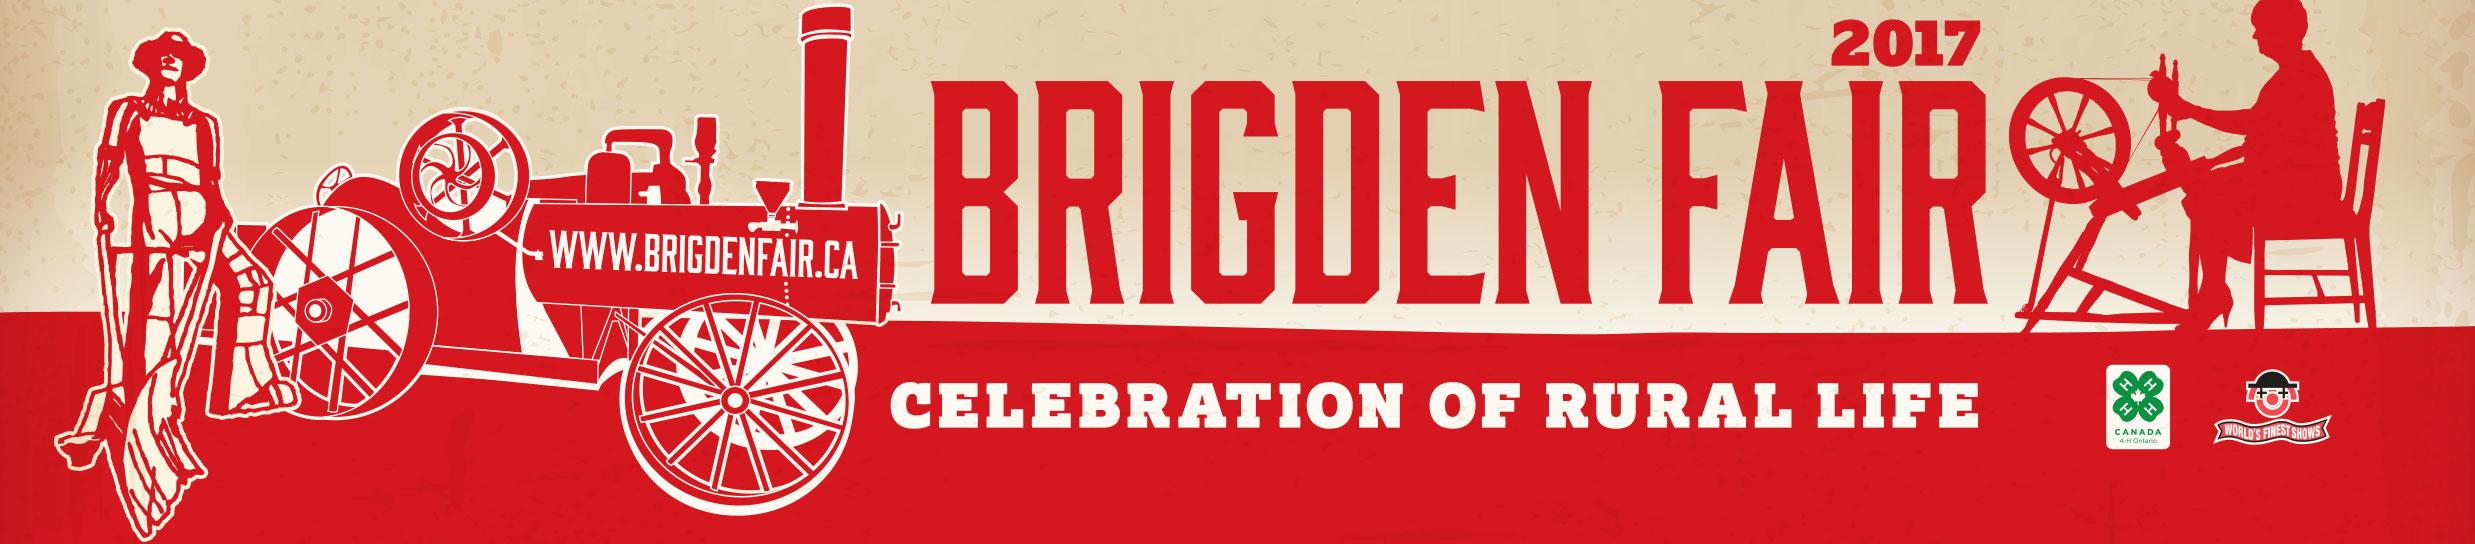 Brigden Fair